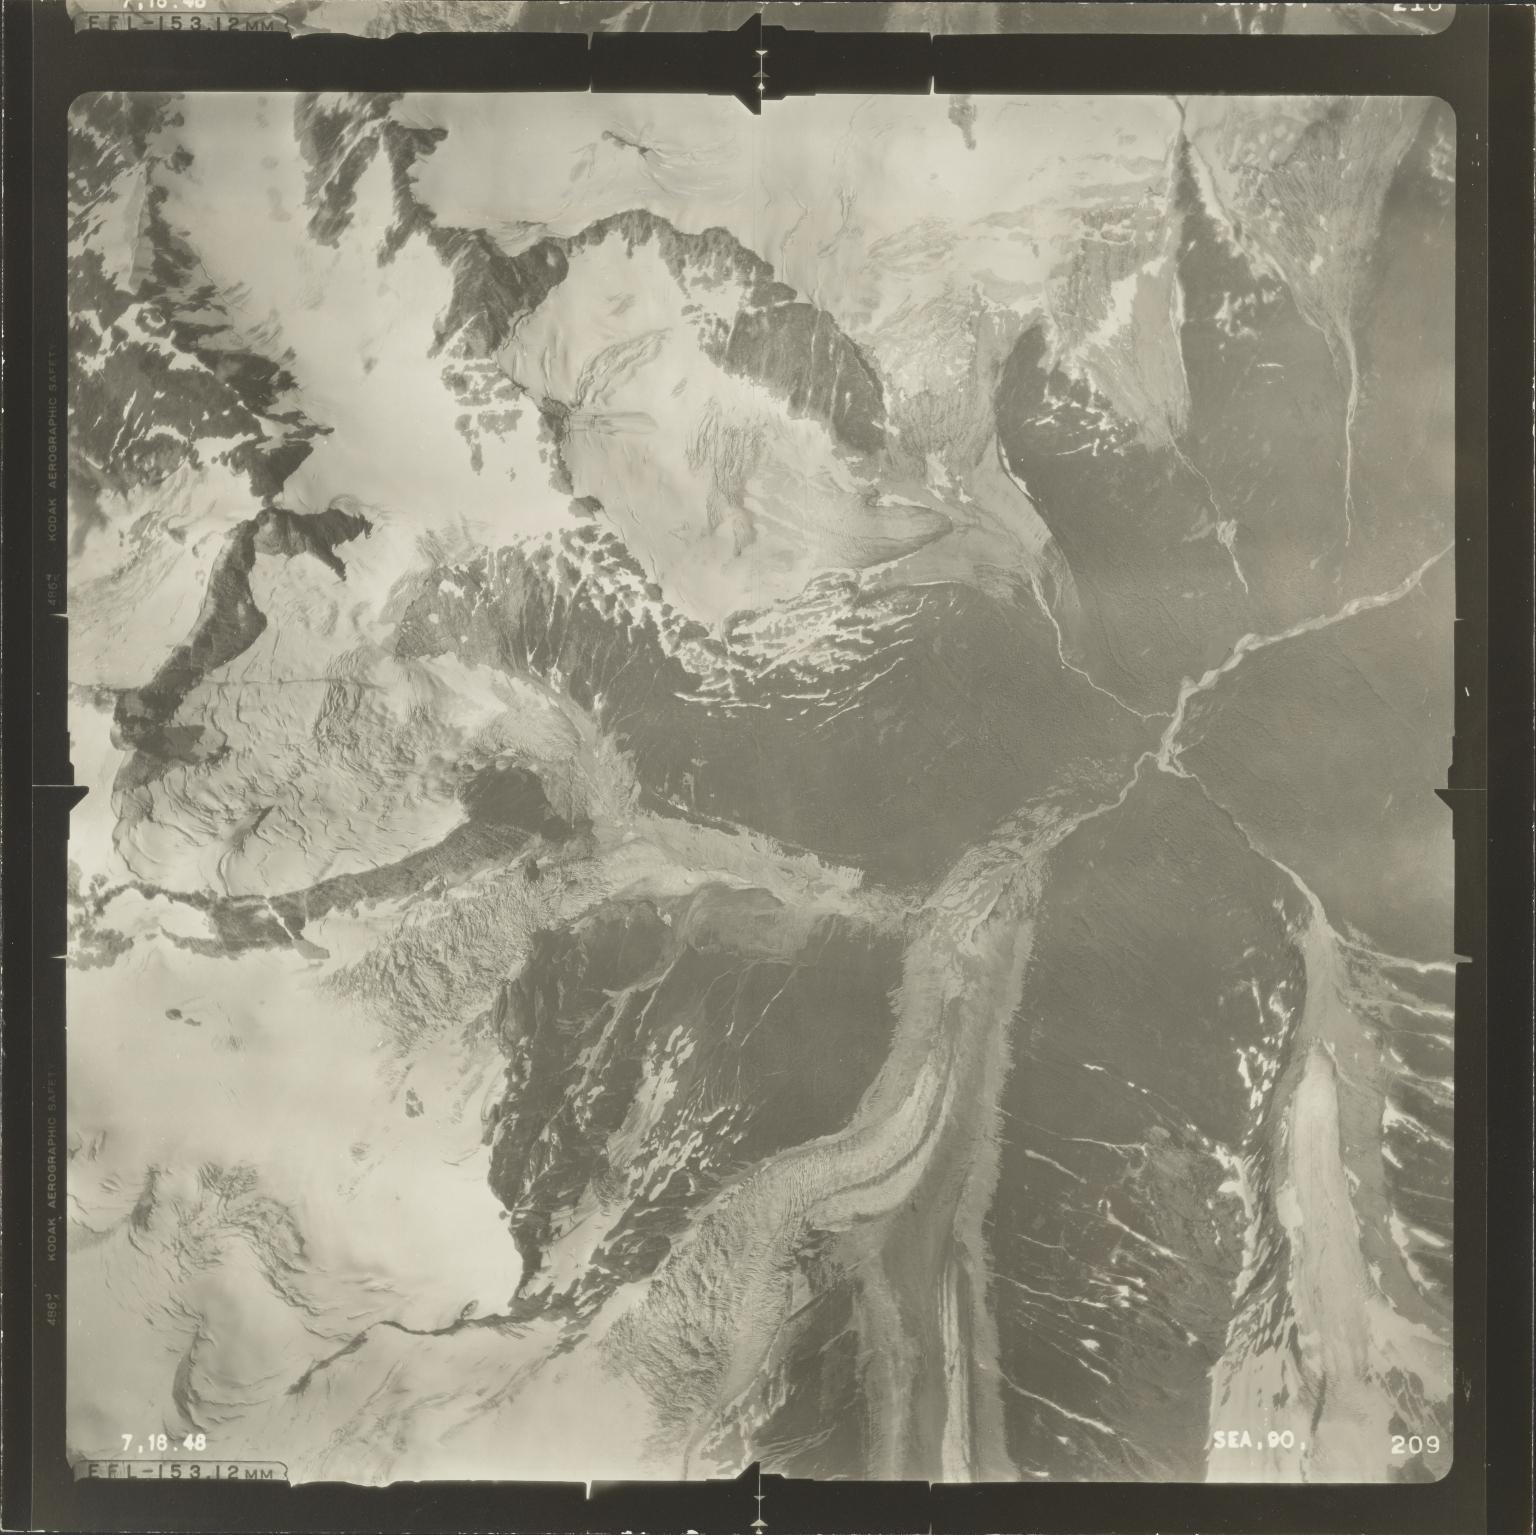 Glacier at head of Jekill River, aerial photograph SEA 90 209, British Columbia